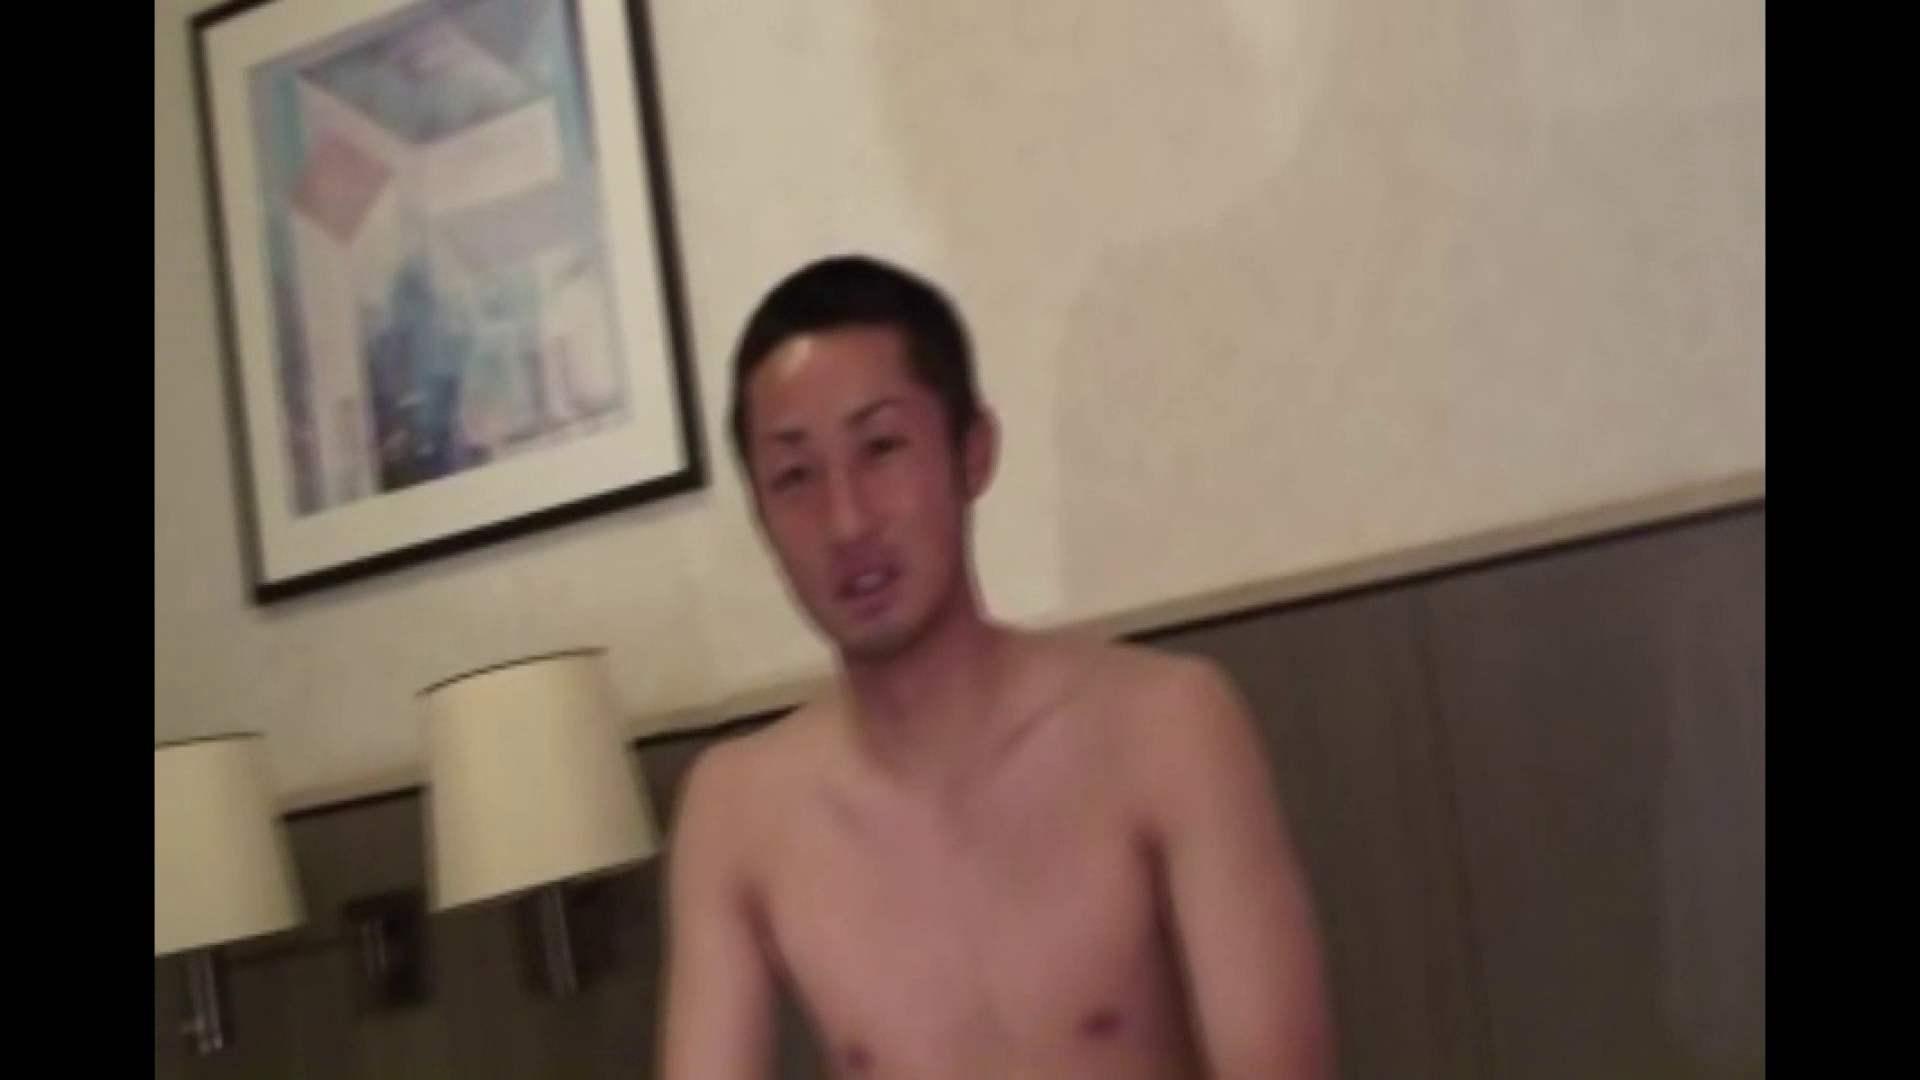 ノンケイケメンの欲望と肉棒 Vol.4 ノンケのオナニー ゲイ射精画像 110連発 2